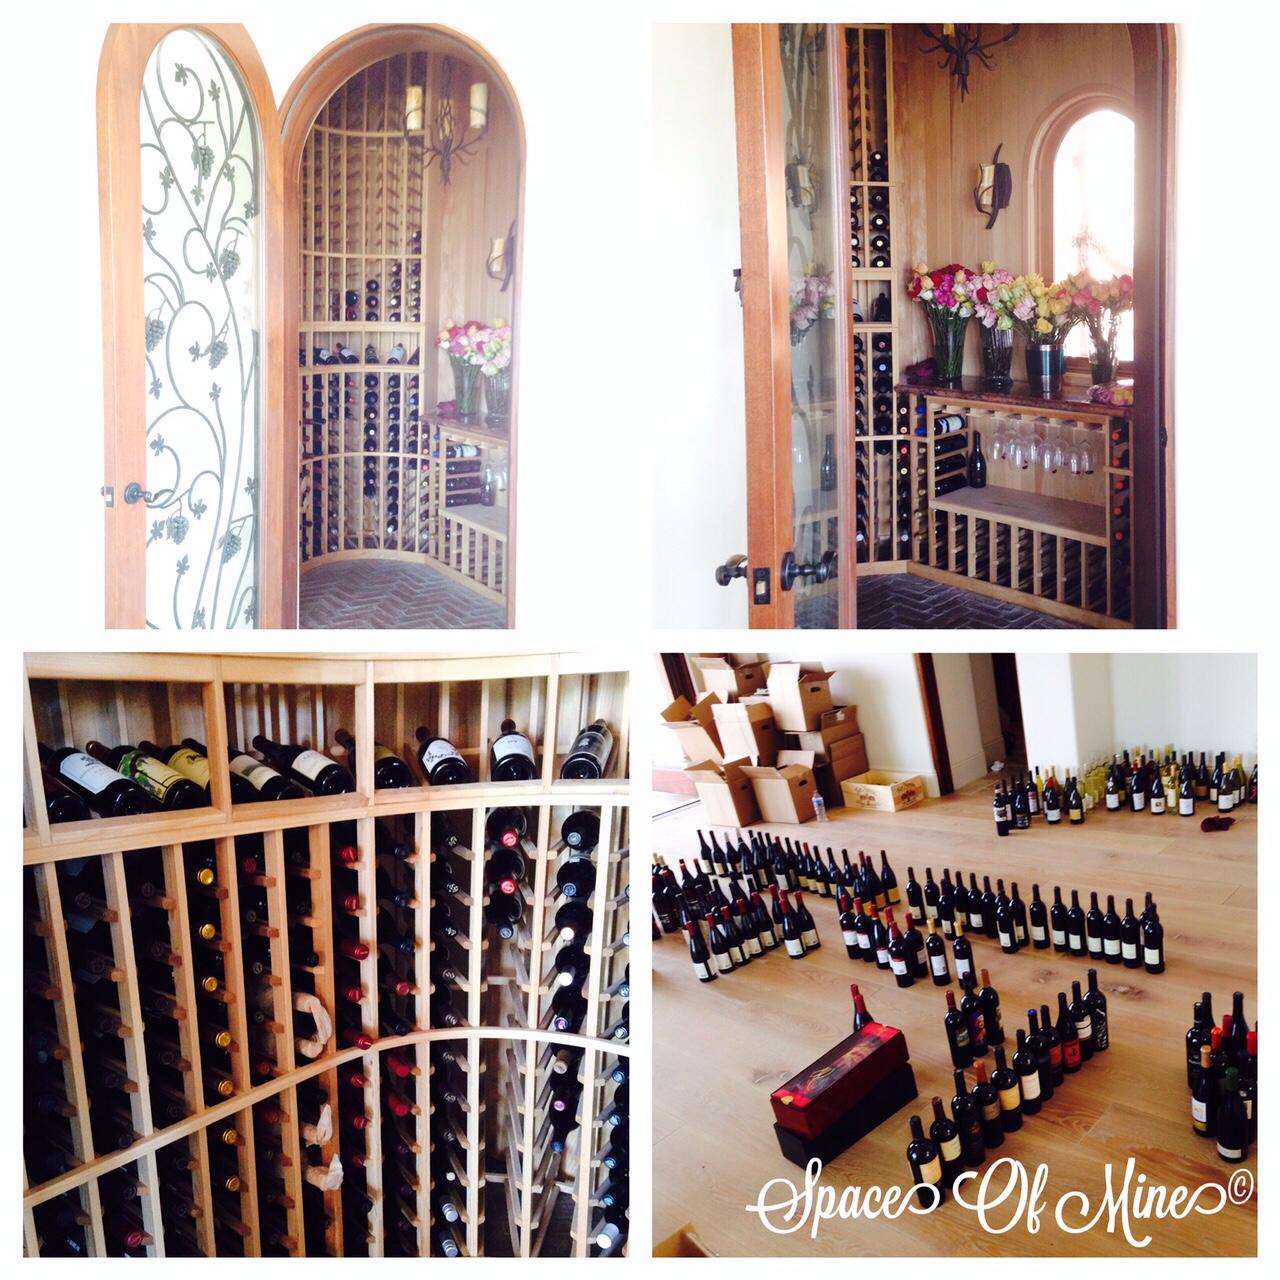 organisation rangement d m nagement emm nagement space of mine home organiser cave vin. Black Bedroom Furniture Sets. Home Design Ideas